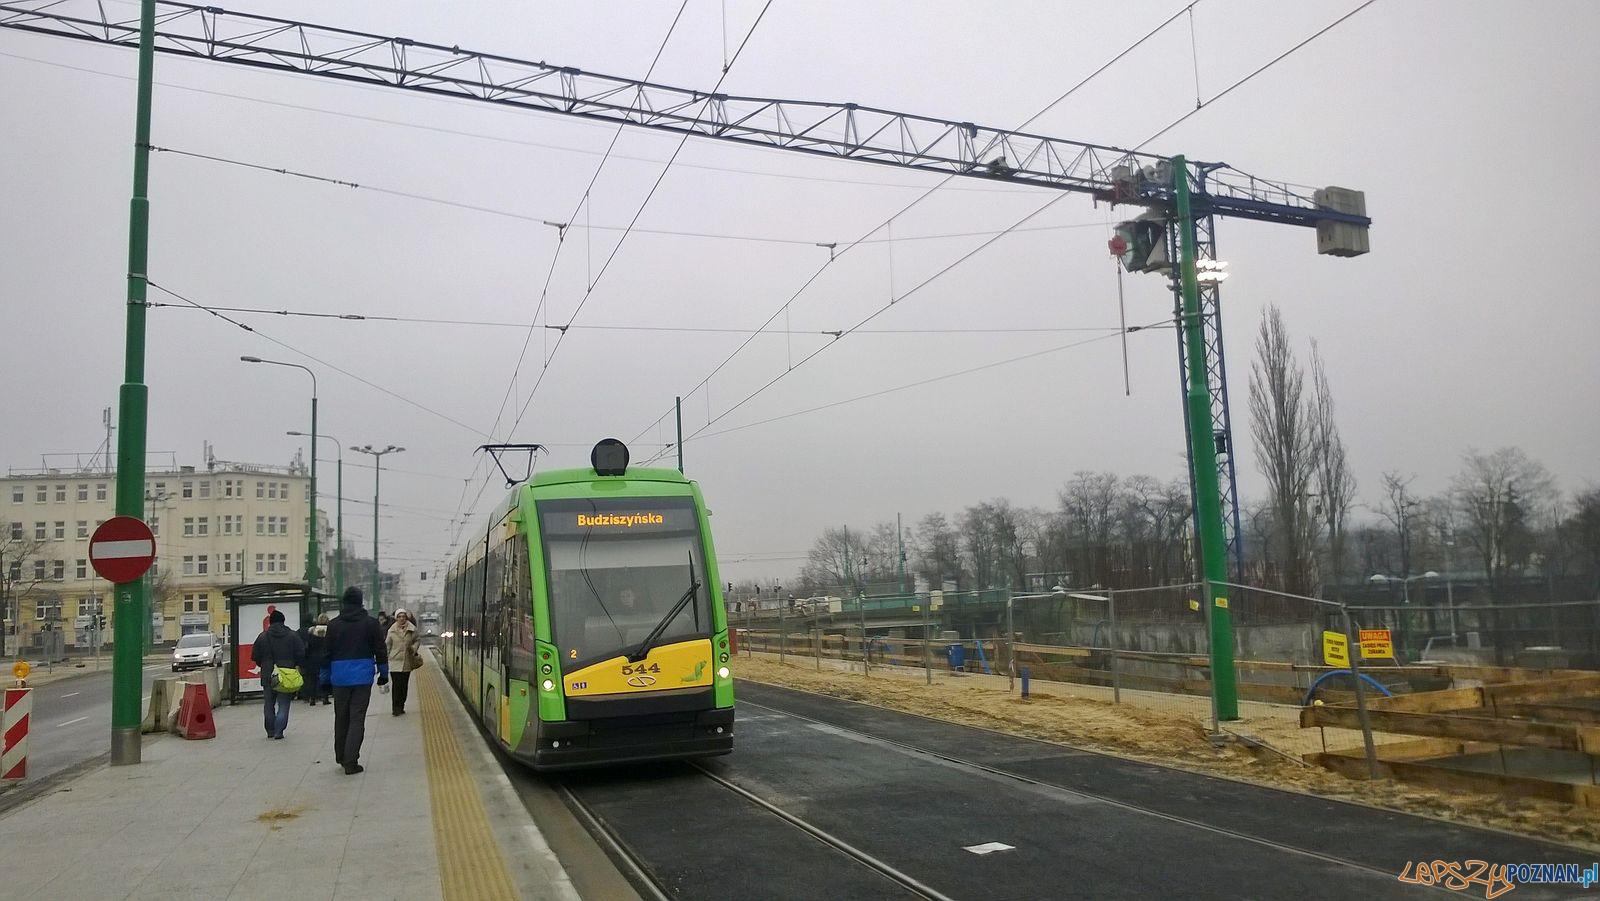 Tramwaje wróciły na Kaponierę  Foto: lepszyPOZNAN.pl / TD